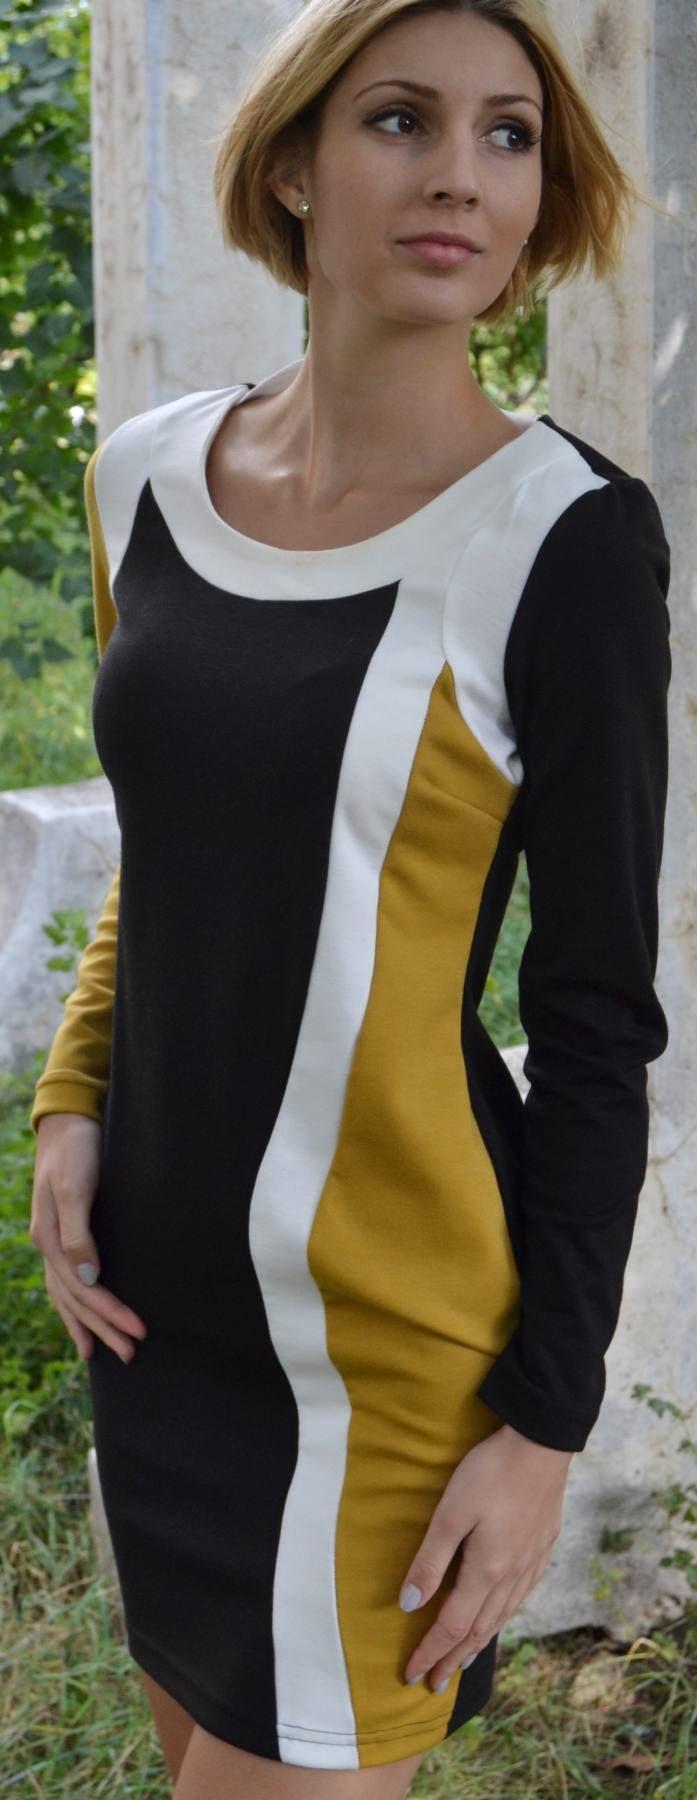 Rochie scurta mulata pe corp, perfecta pentru club sau intalniri deosebite. Predominant neagra cu imprimeuri de mustar si alb. - See more at: http://www.pufishop.com/cart-3/femei/rochie-kirra/#sthash.YOjLl5lx.dpuf